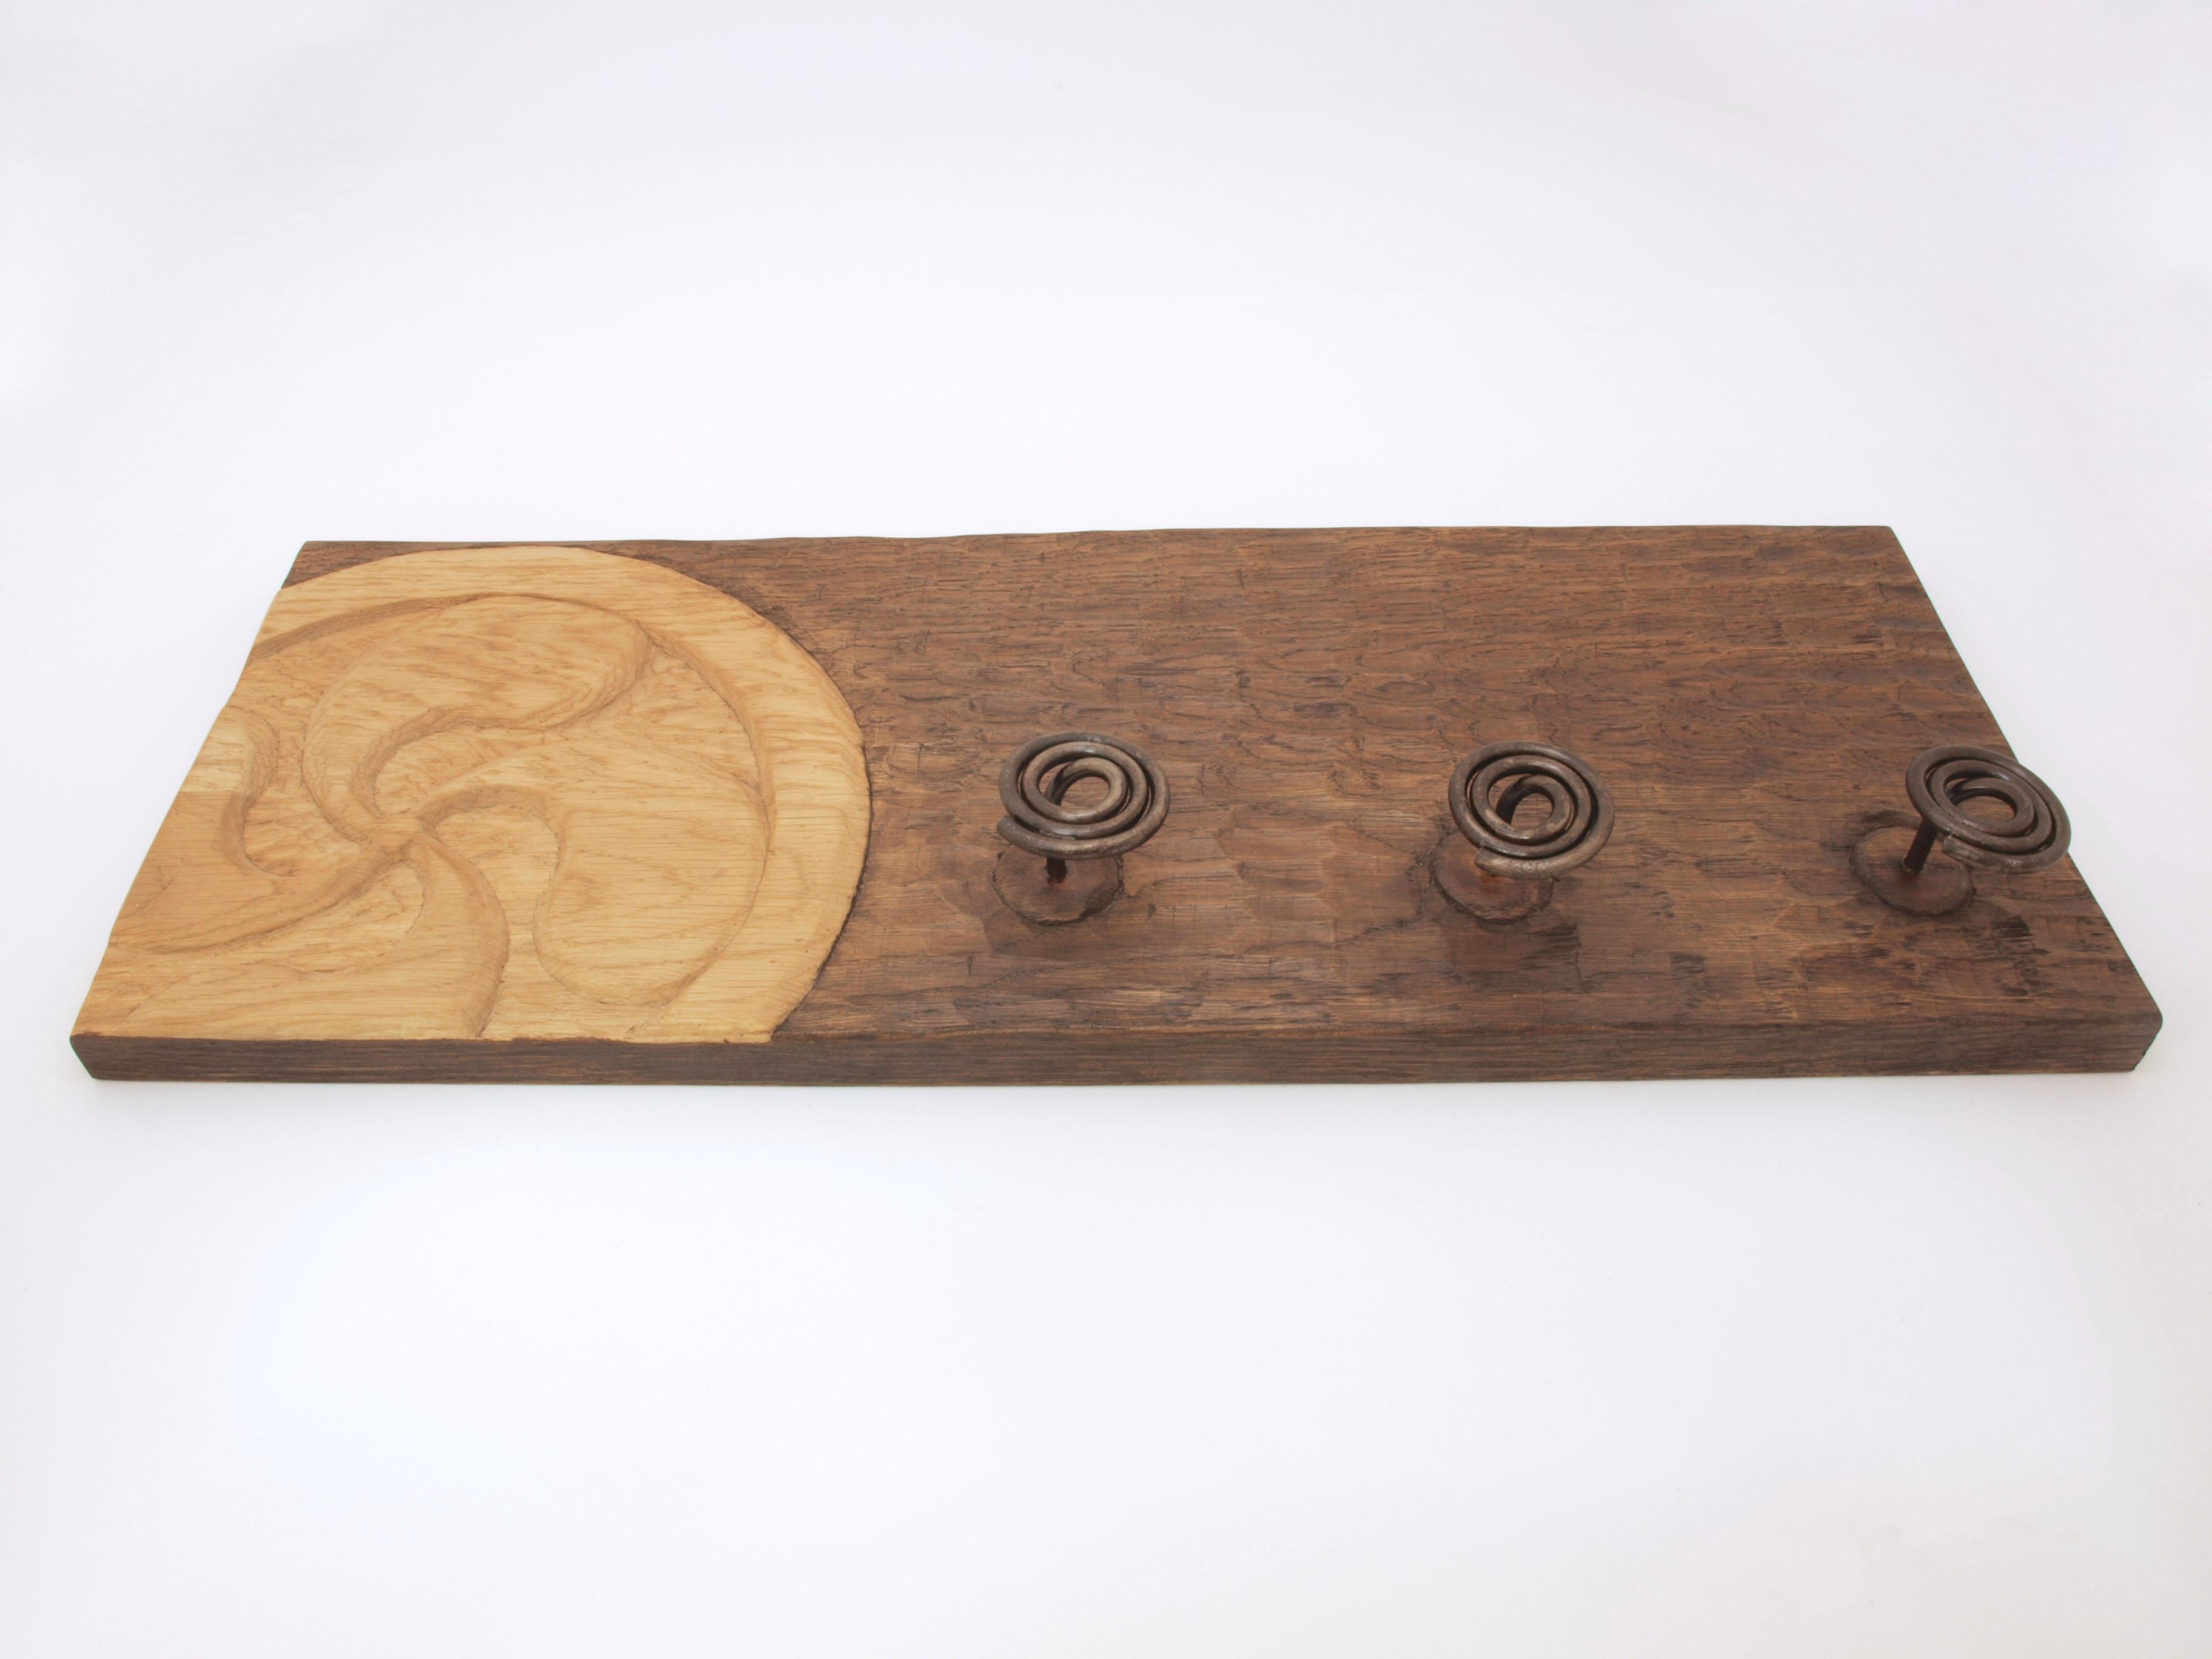 Perchero con lauburu tallado en madera de roble en altorrelieve